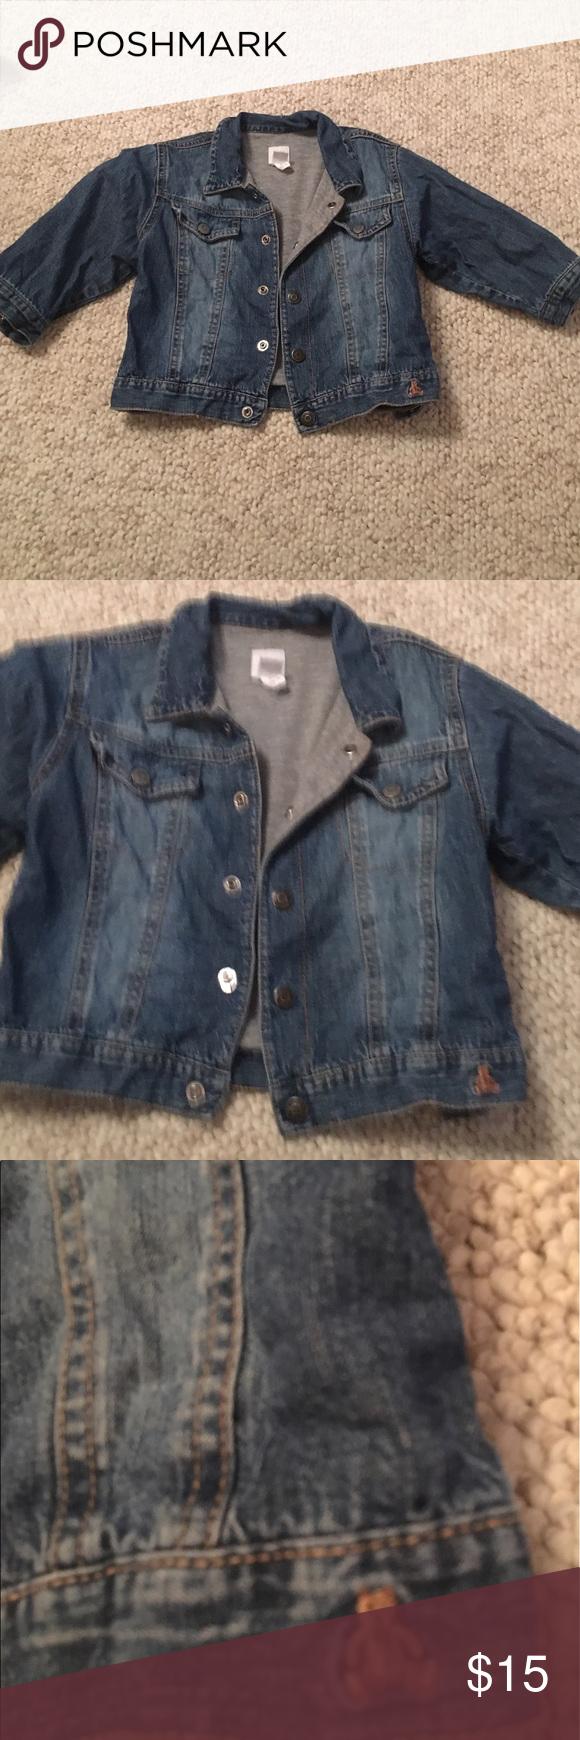 bfa6b8aeedfc 18-24 month old jean dungaree jacket 18-24 month old Jean dungaree ...